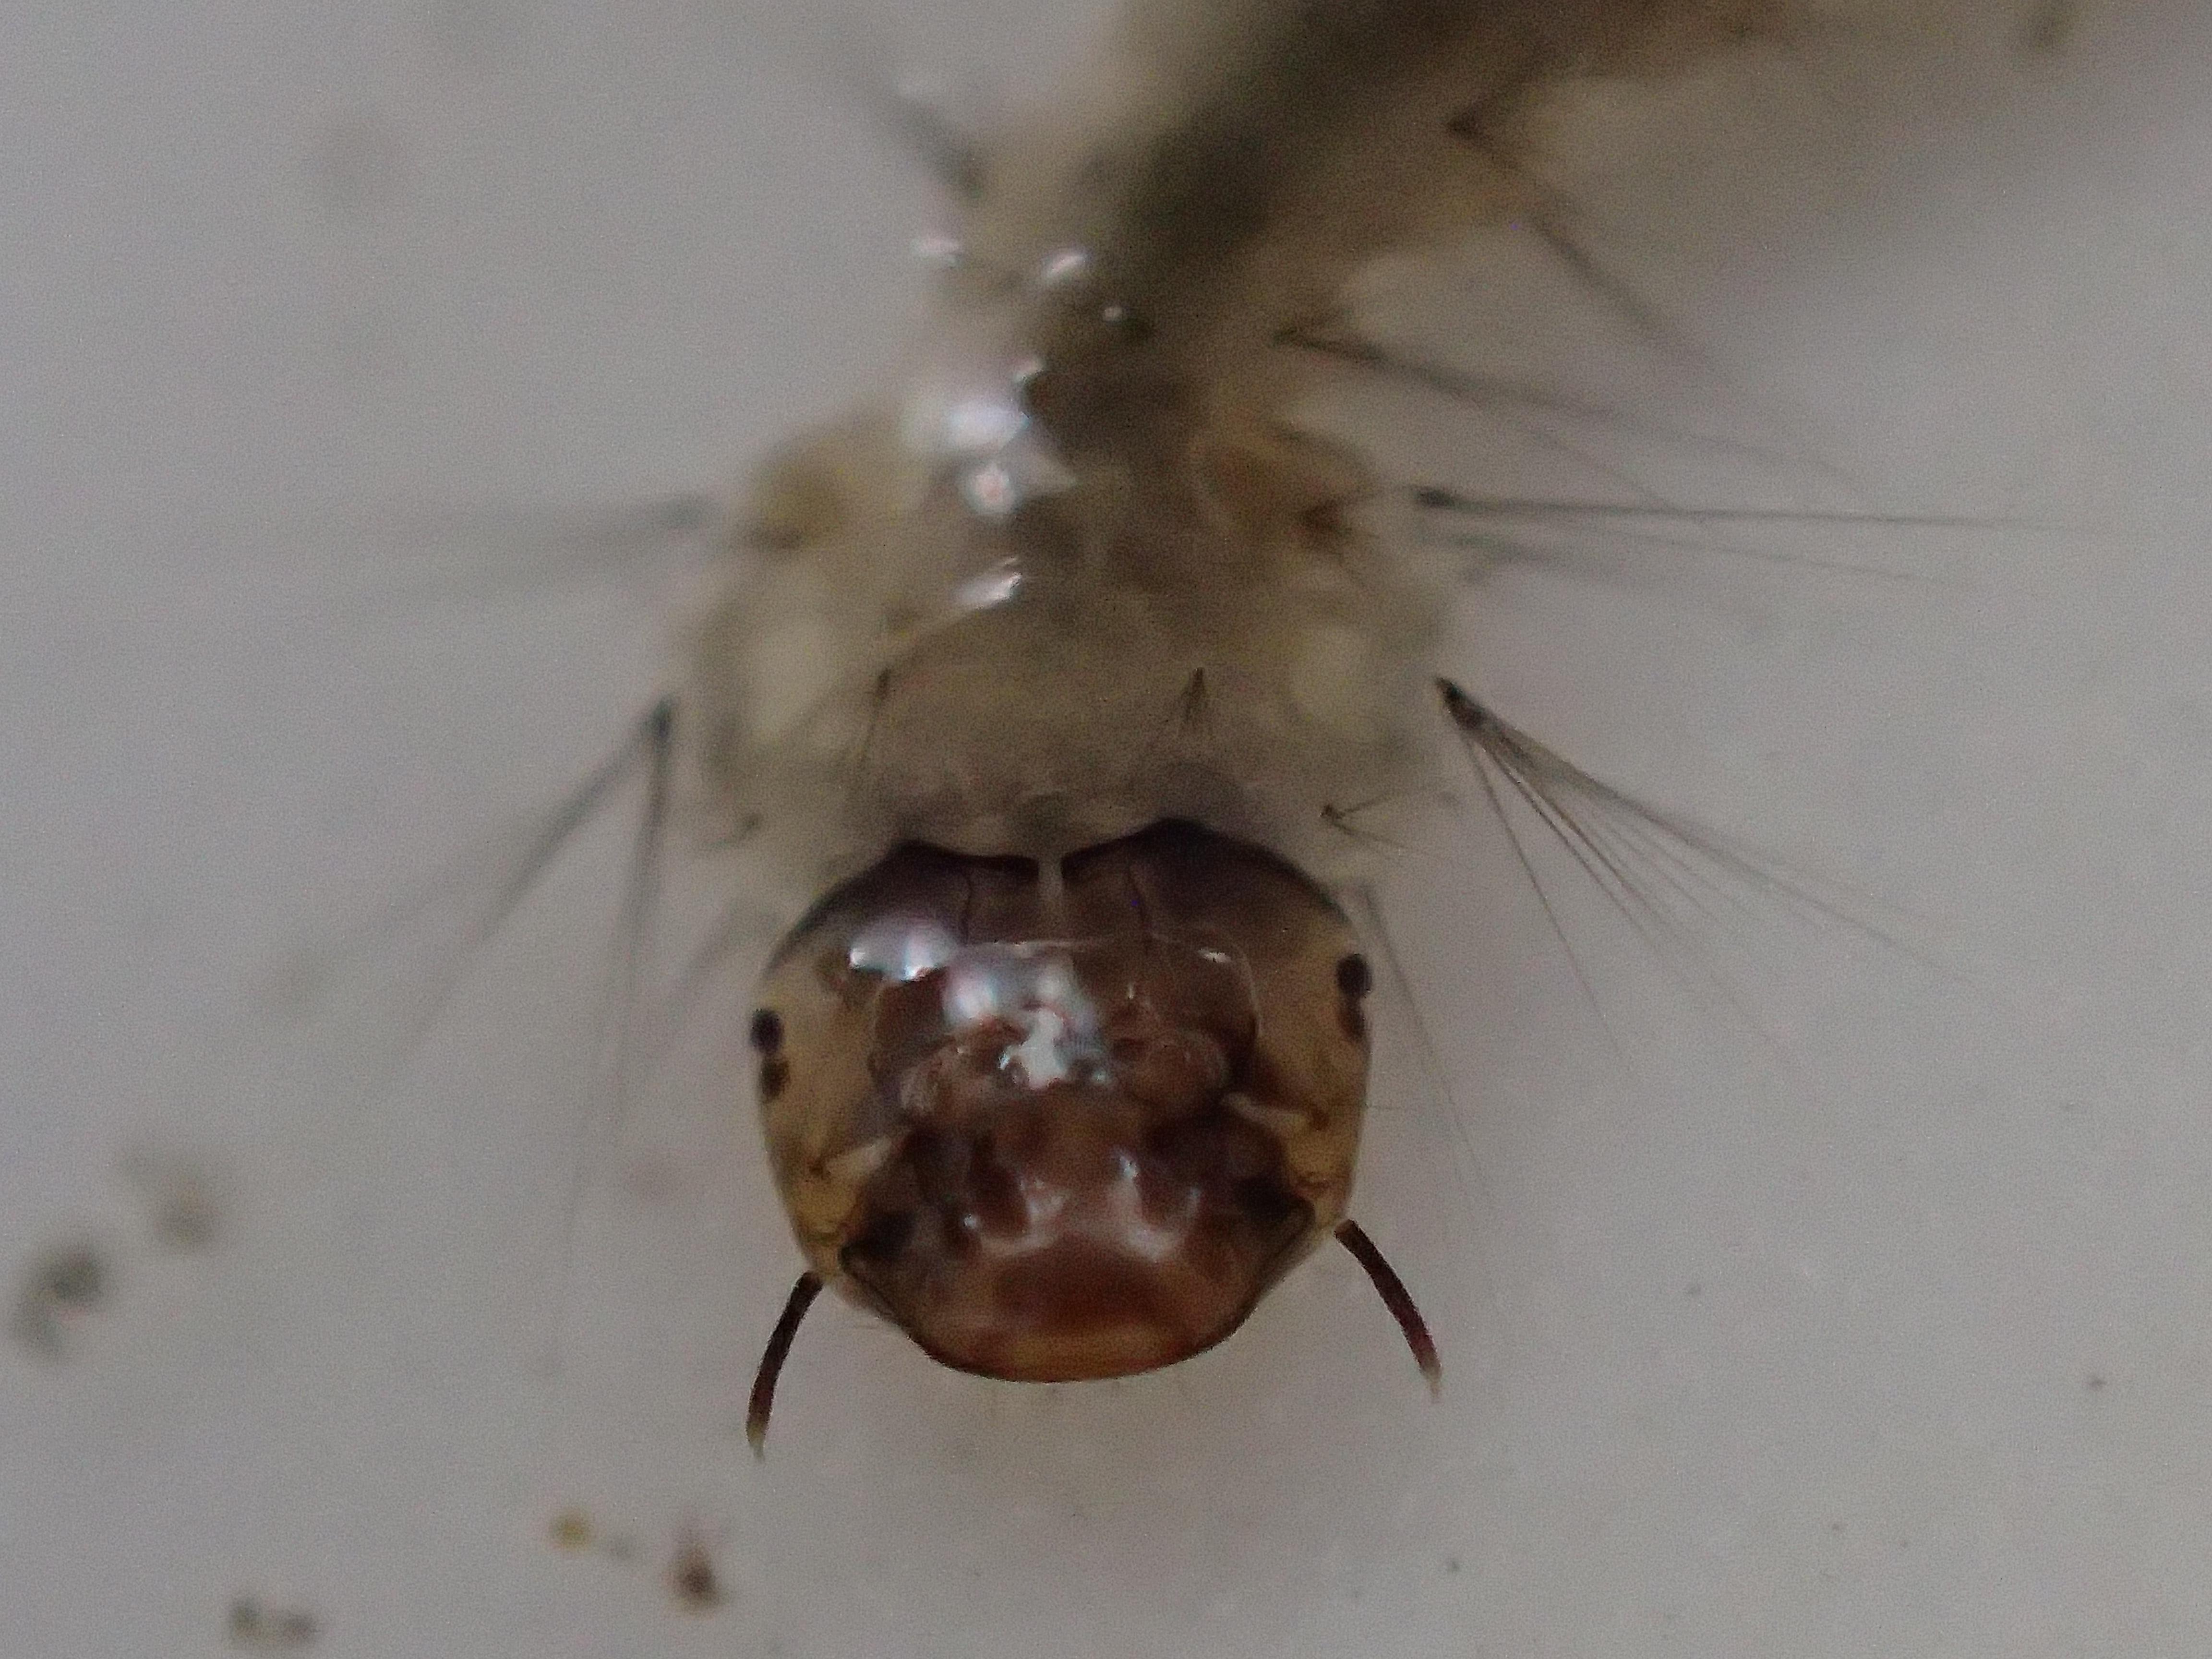 蚊の幼虫ボウフラの顔の真正面写真